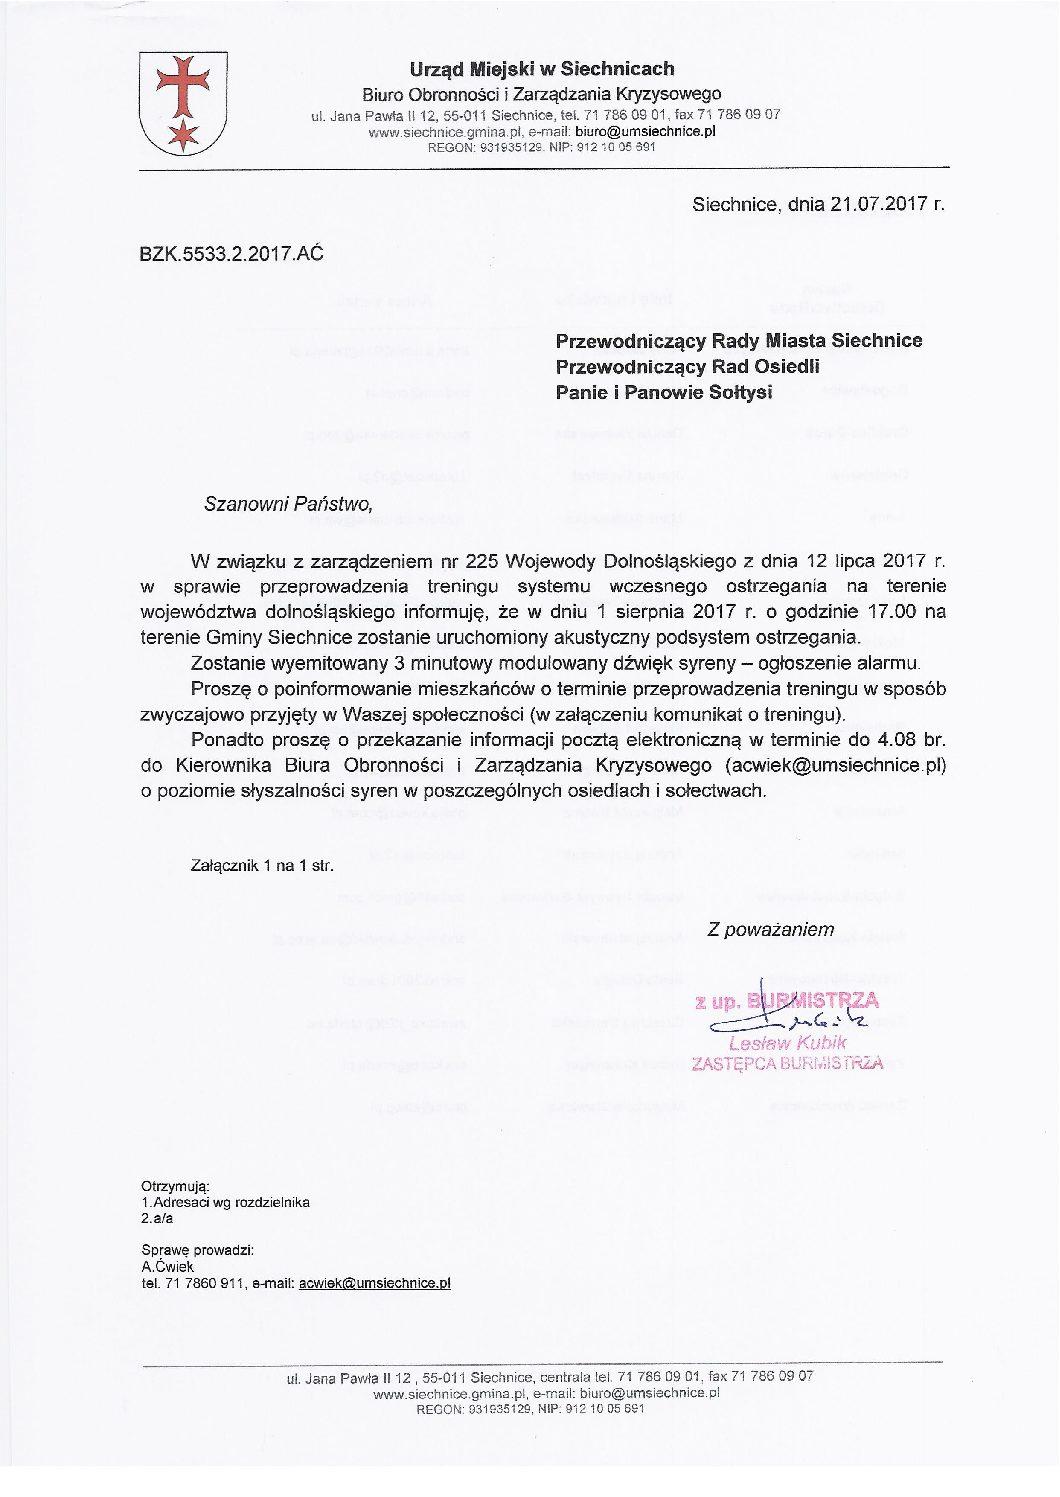 1 Sierpnia 2017 o godzinie 17.00 zostanie wyemitowany akustyczny podsystem ostrzegania na terenie Gminy Siechnice.